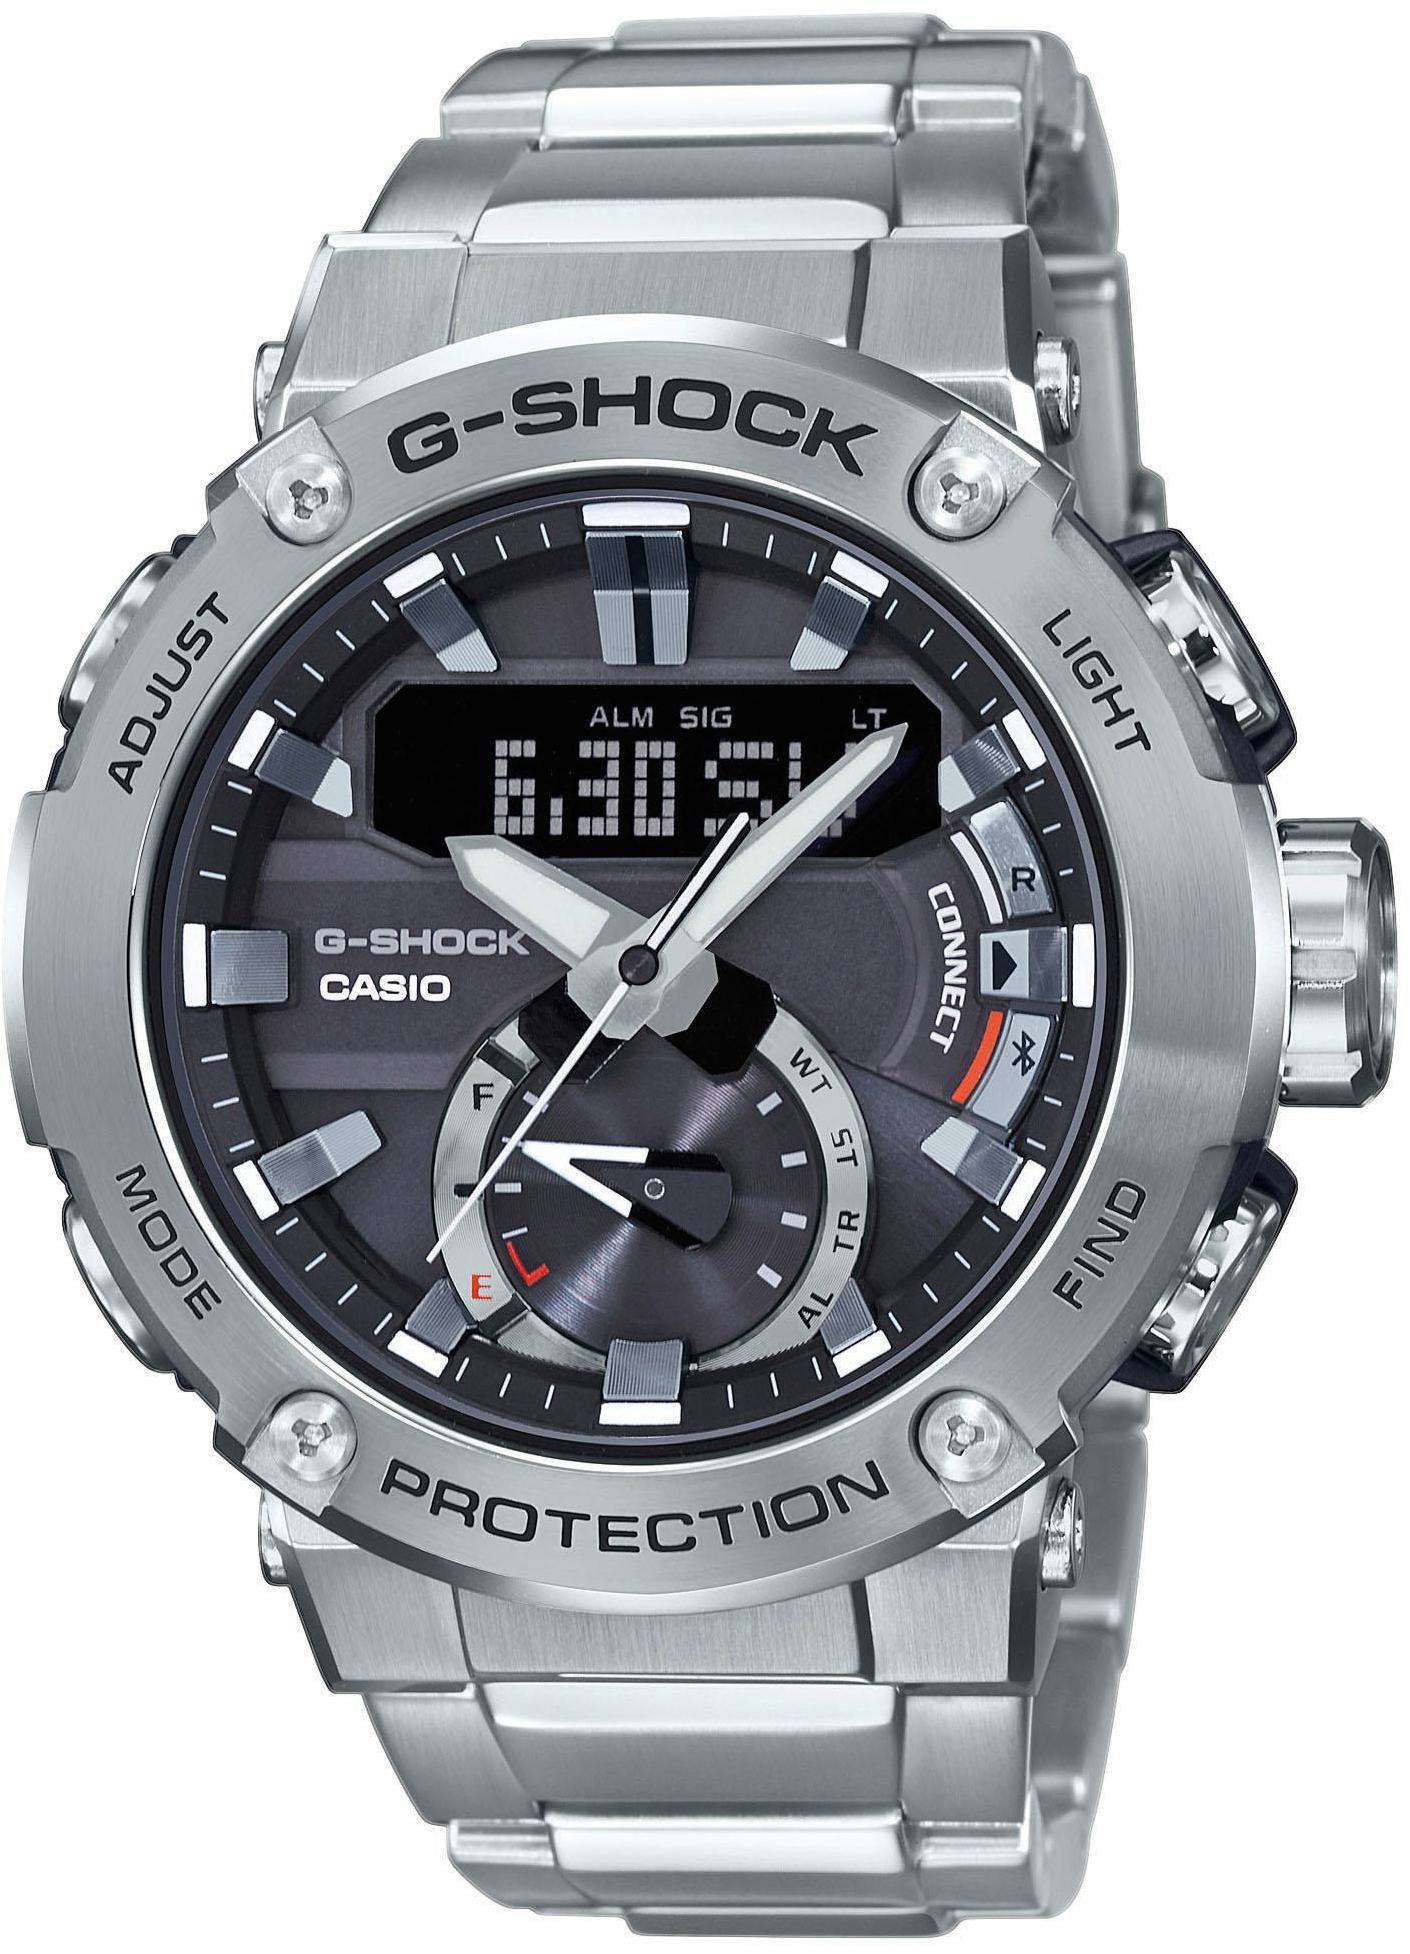 CASIO G-SHOCK G-Steel GST-B200D-1AER Ur Herrer, silver (2019)   Sports watches